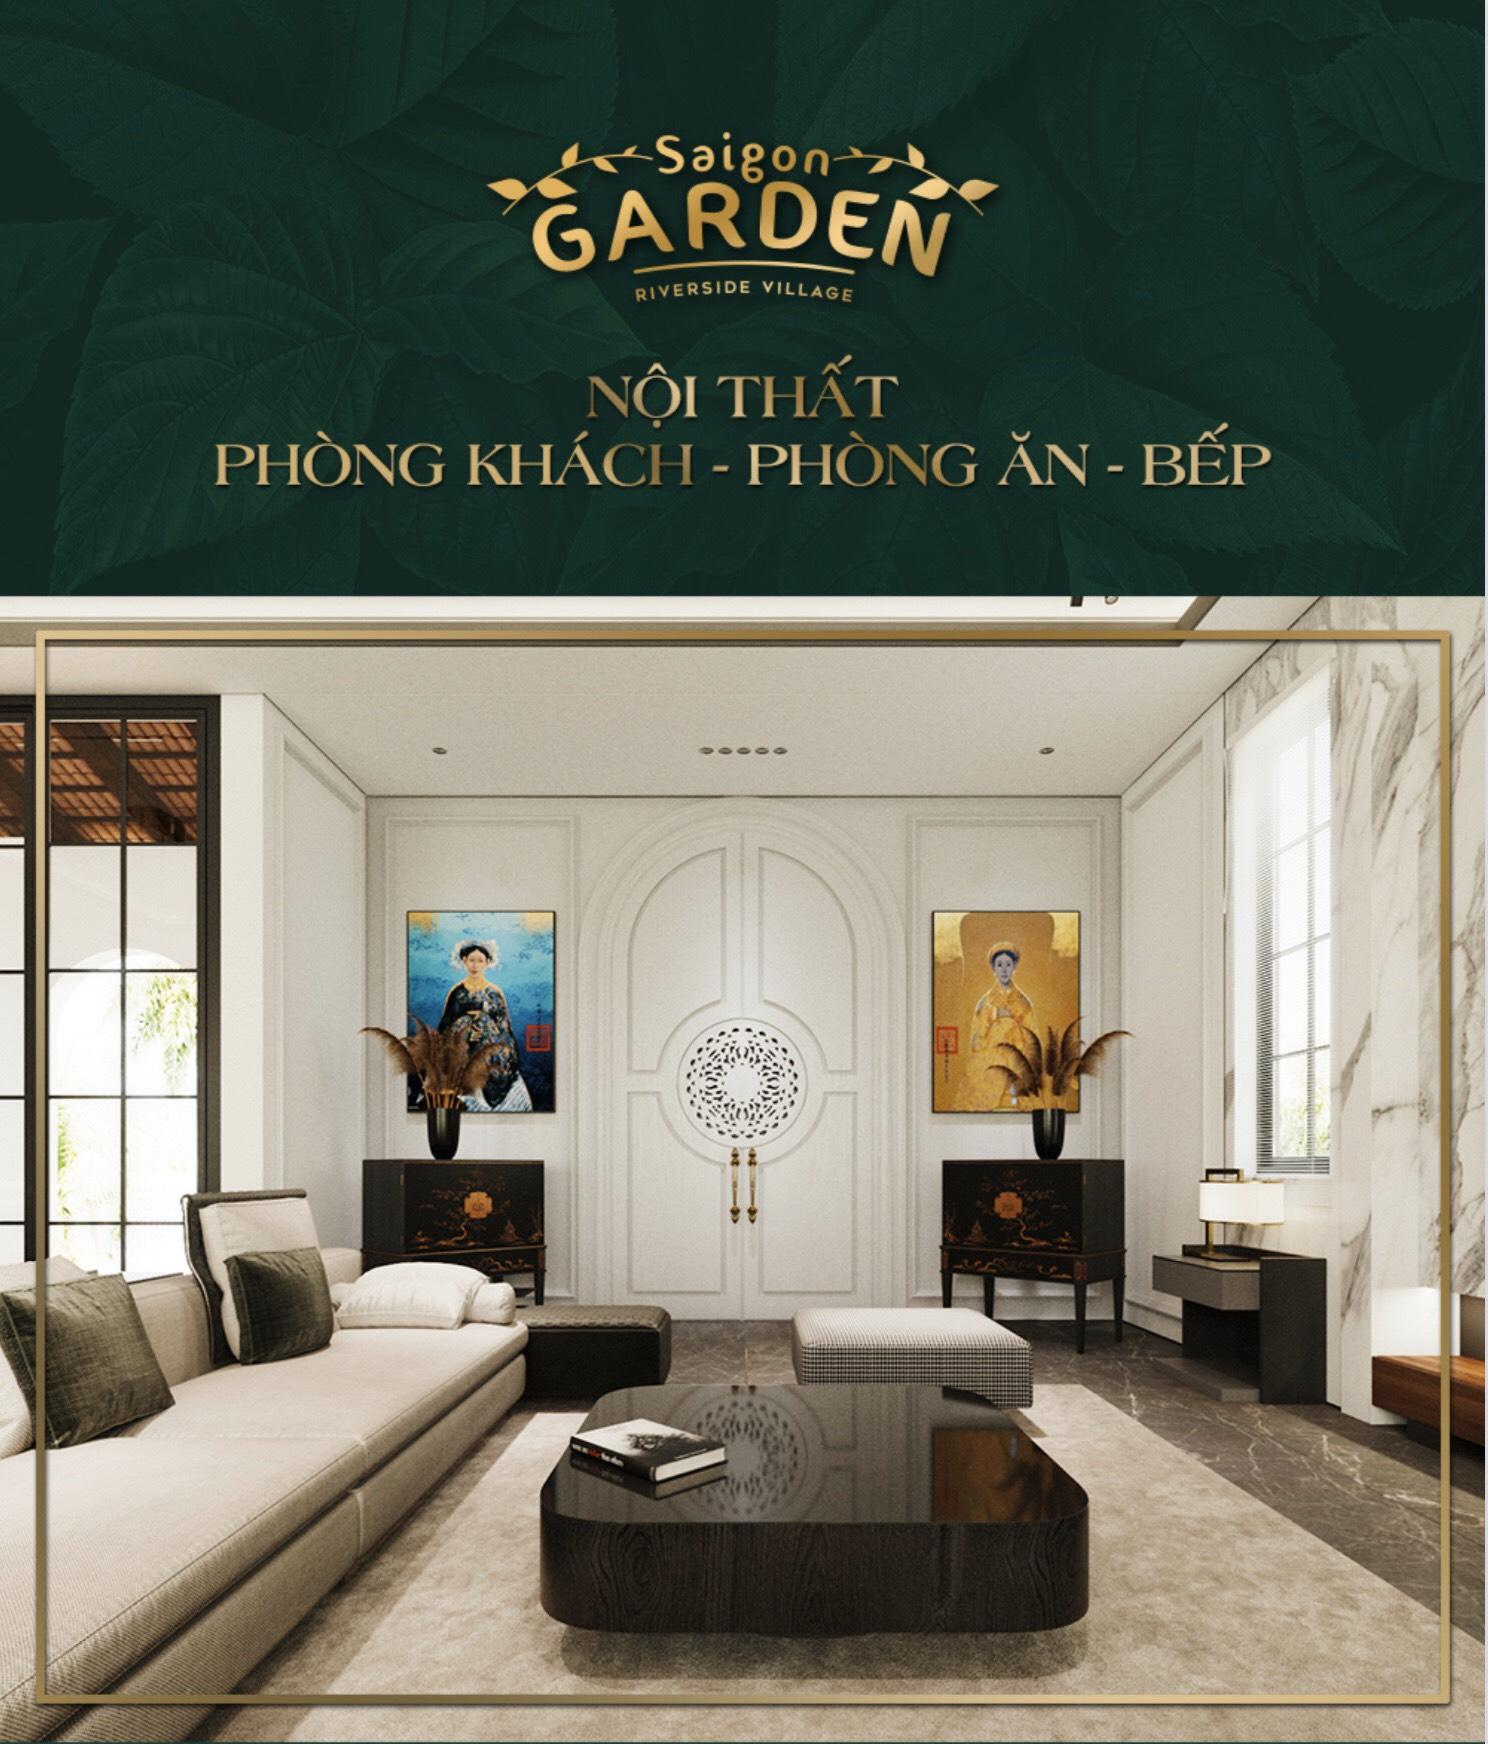 Nội thất Phòng khách - Phòng Ăn - Bếp Saigon Garden Riverside Village Quận 9